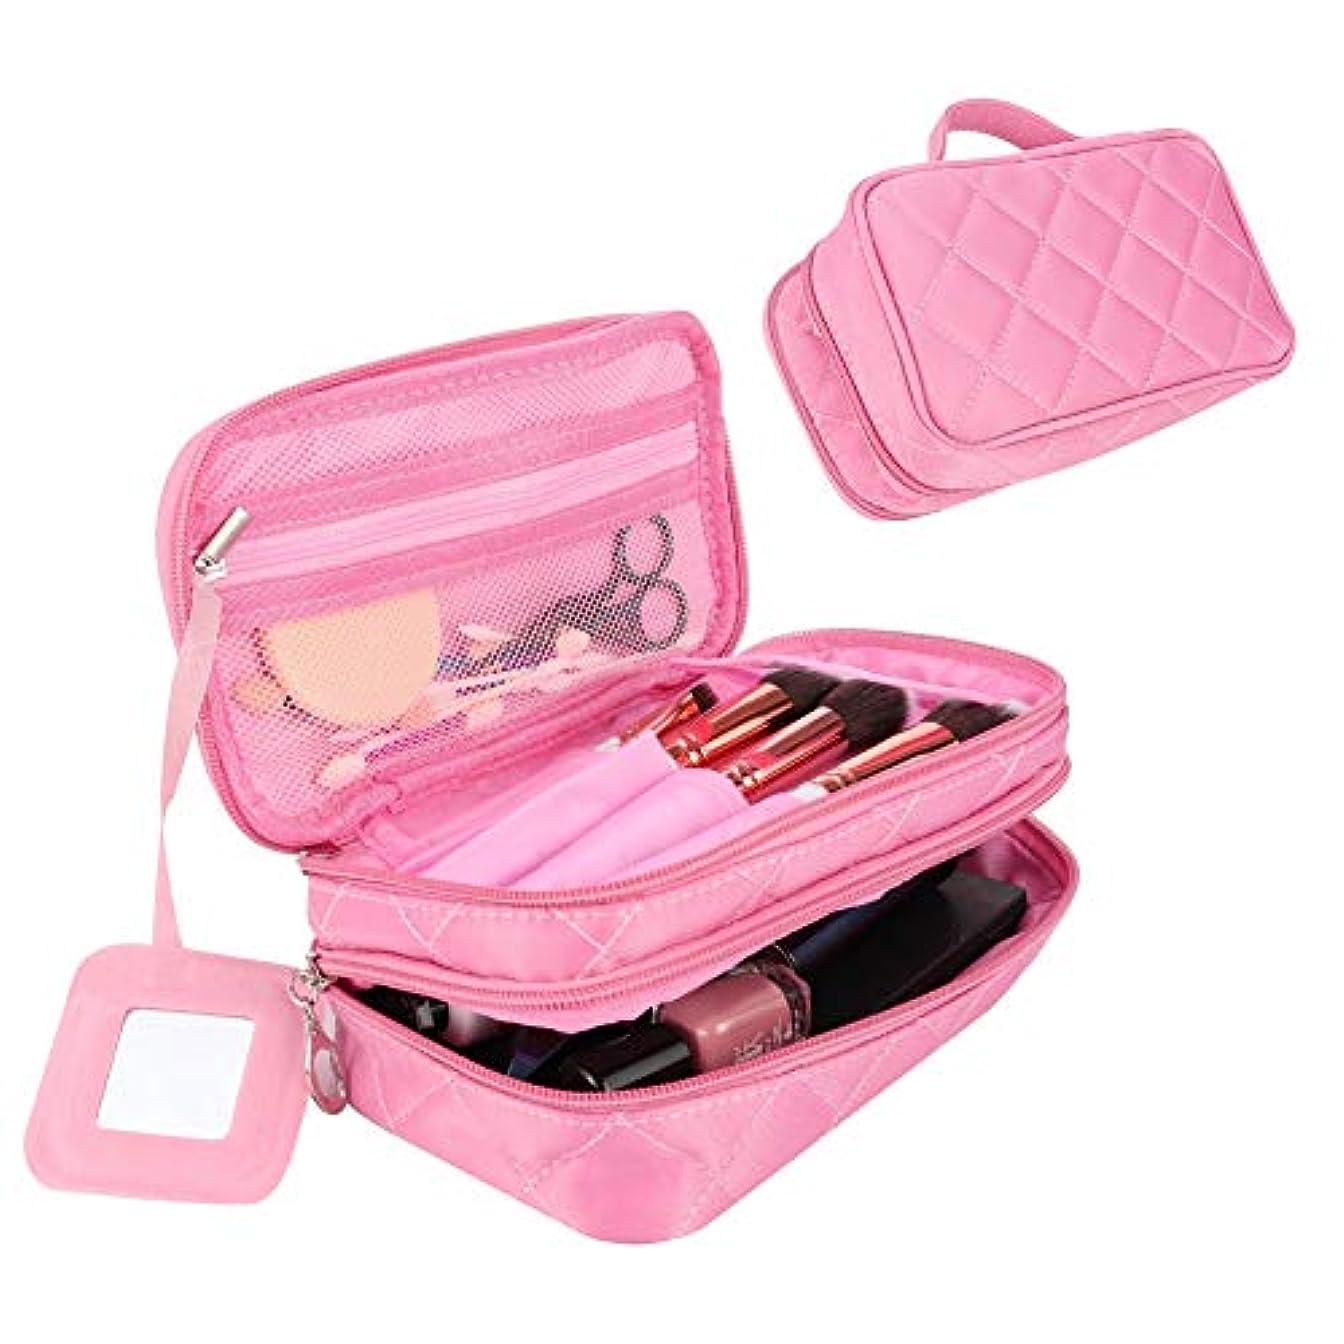 旋回スキルナースAumesa Rano メイクポーチ 機能的 化粧ポーチ 二層あり ブラシ入れ付き 仕切り コスメポーチ 収納 持ち運び 携帯用 防水 鏡付き (ピンク)